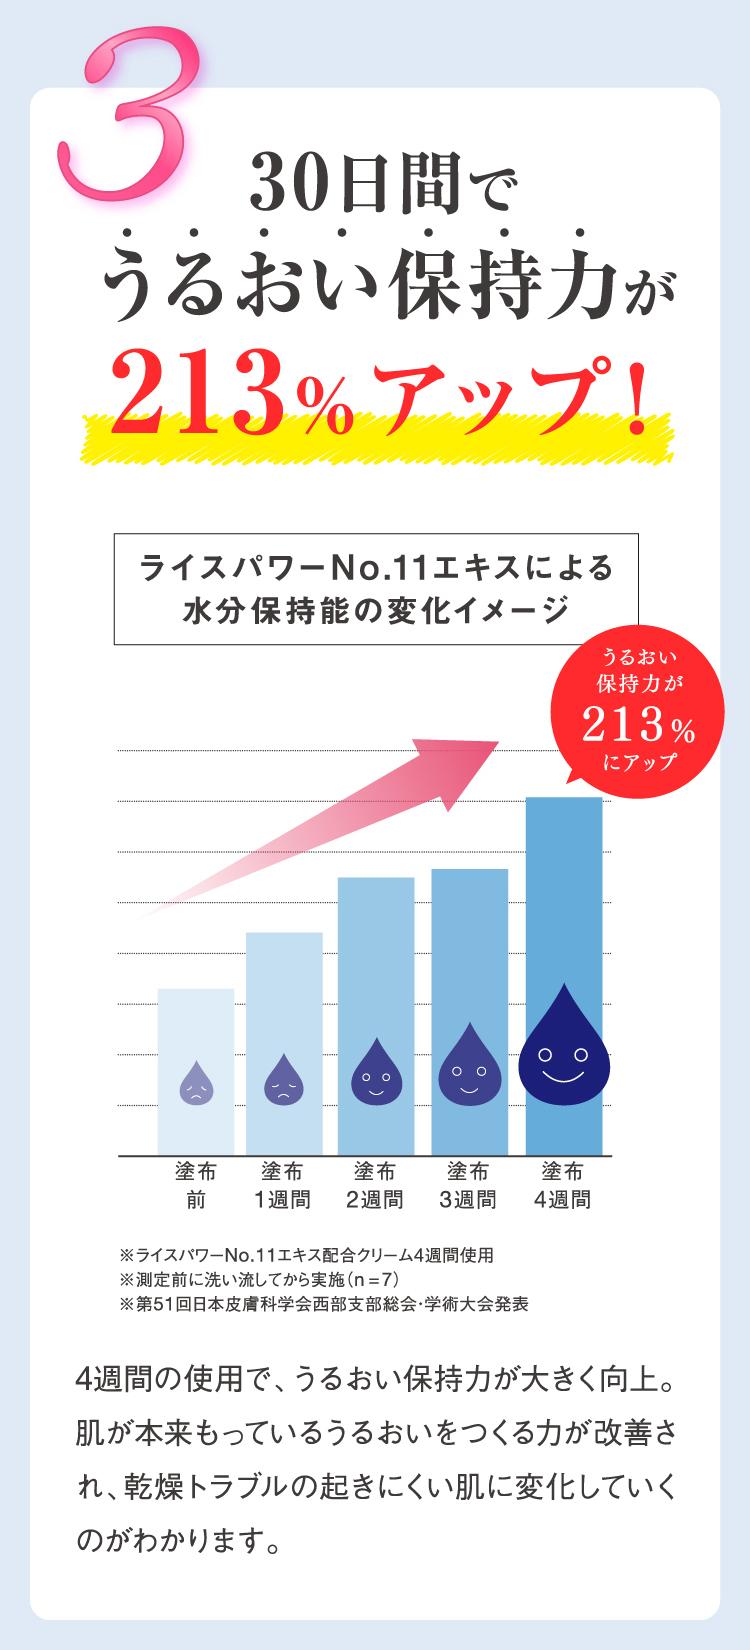 30日間でうるおい保持力が213%アップ!